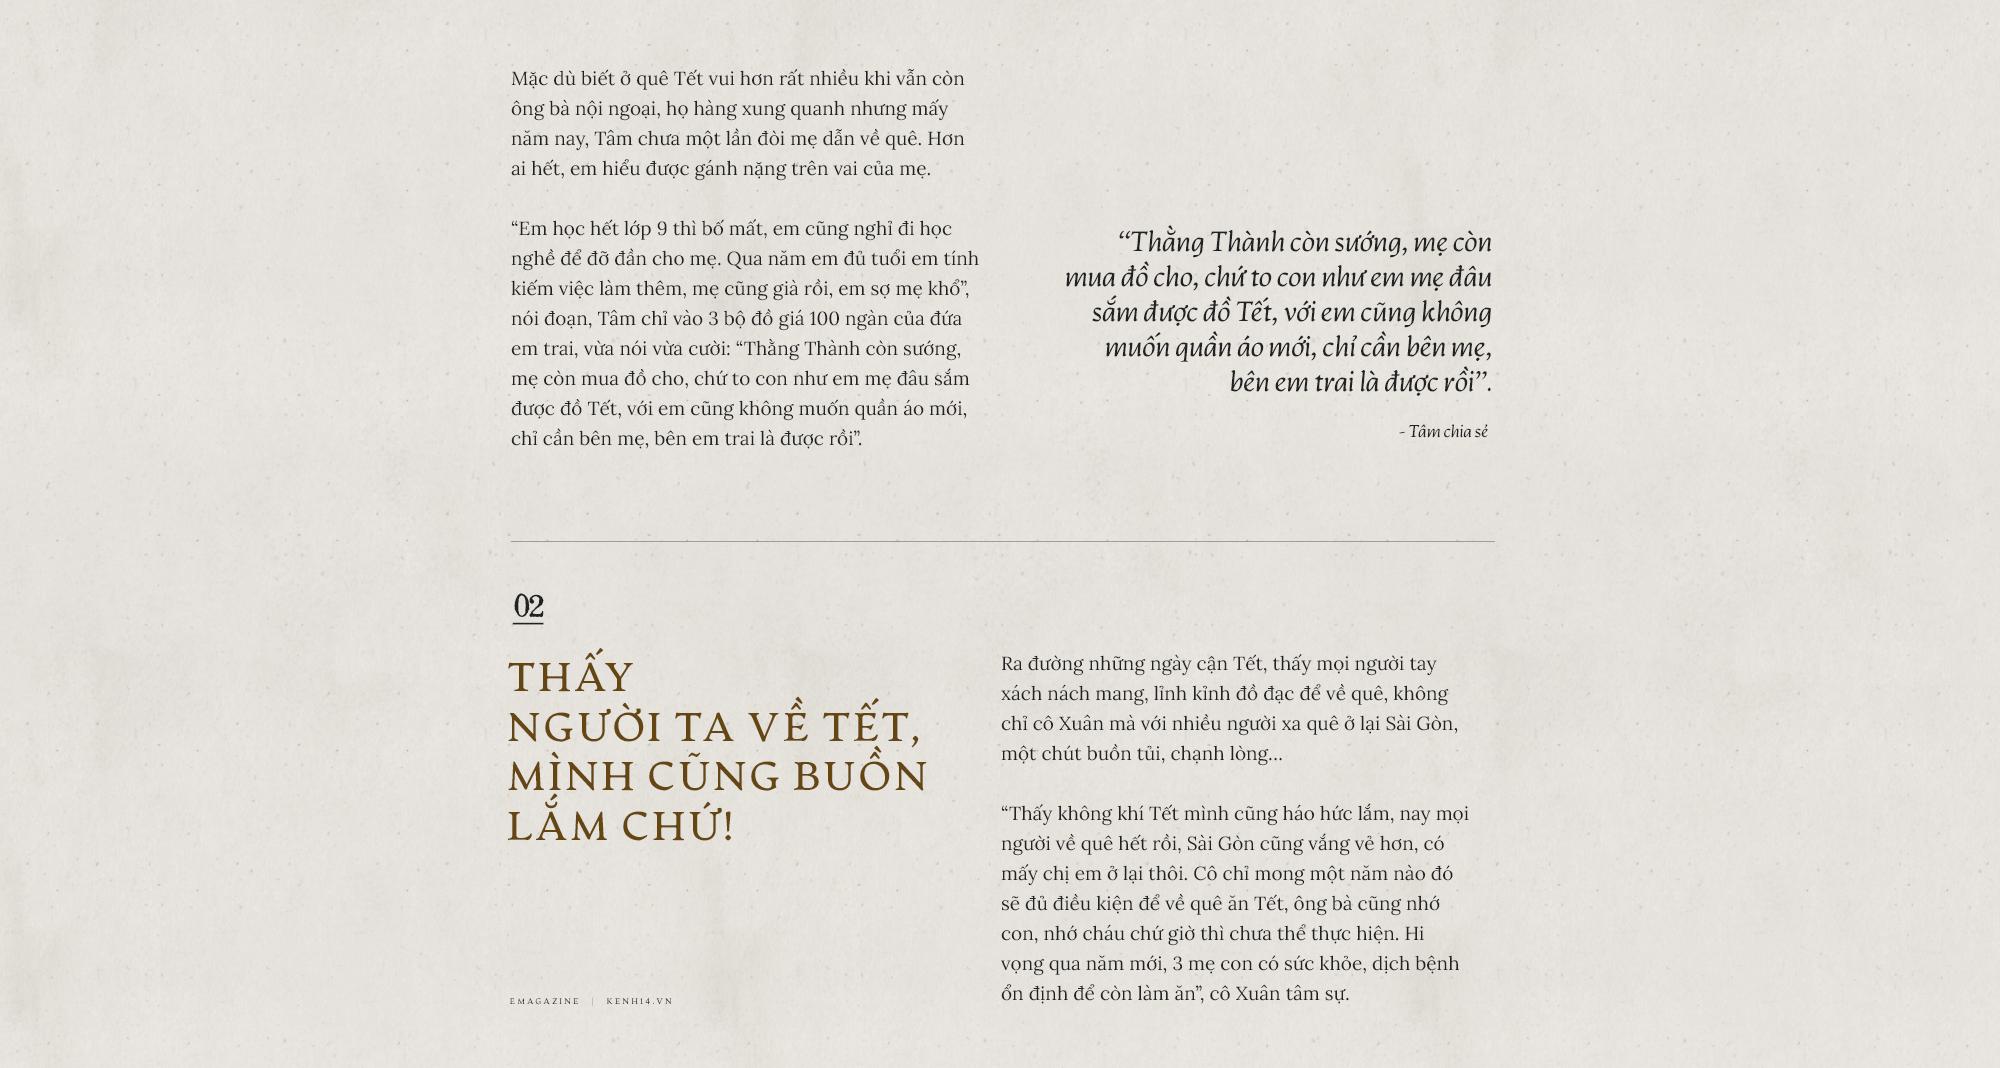 Chuyện những người công nhân ở lại Sài Gòn ăn Tết: Rồi ai cũng có Tết, chỉ cần cả gia đình ở bên nhau... - Ảnh 3.